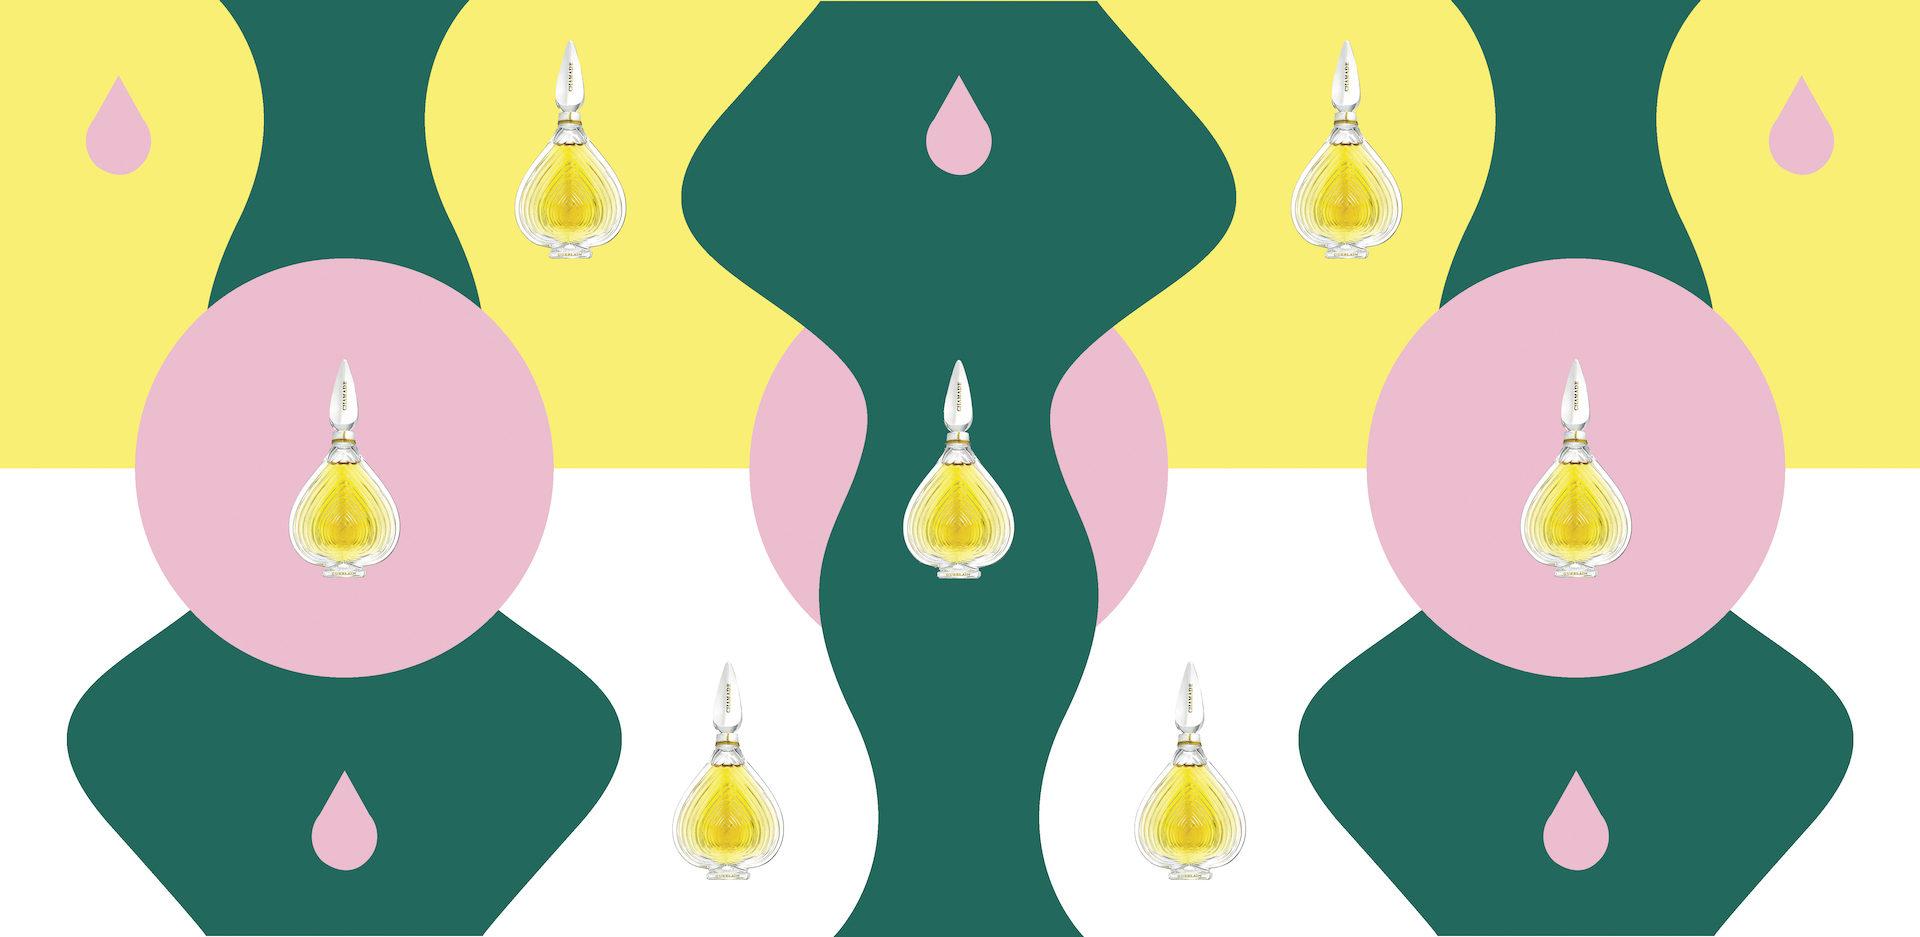 Illustration pour la parfum Chamade, lancé en 1969 par la maison Guerlain © Laetitia Gorsy